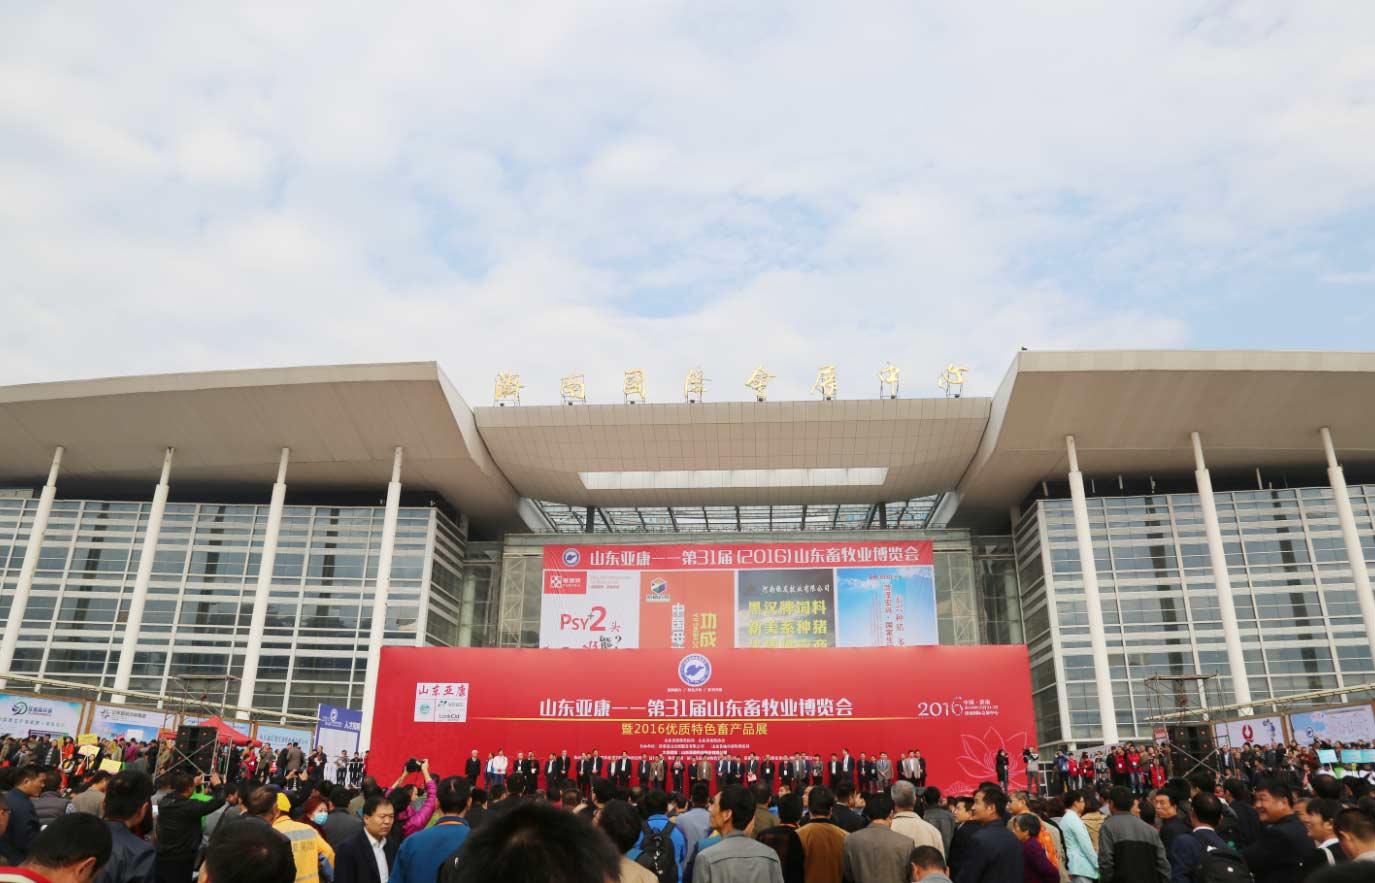 第31屆山東畜牧業博覽會在山東省會濟南國際會展中心拉開帷幕